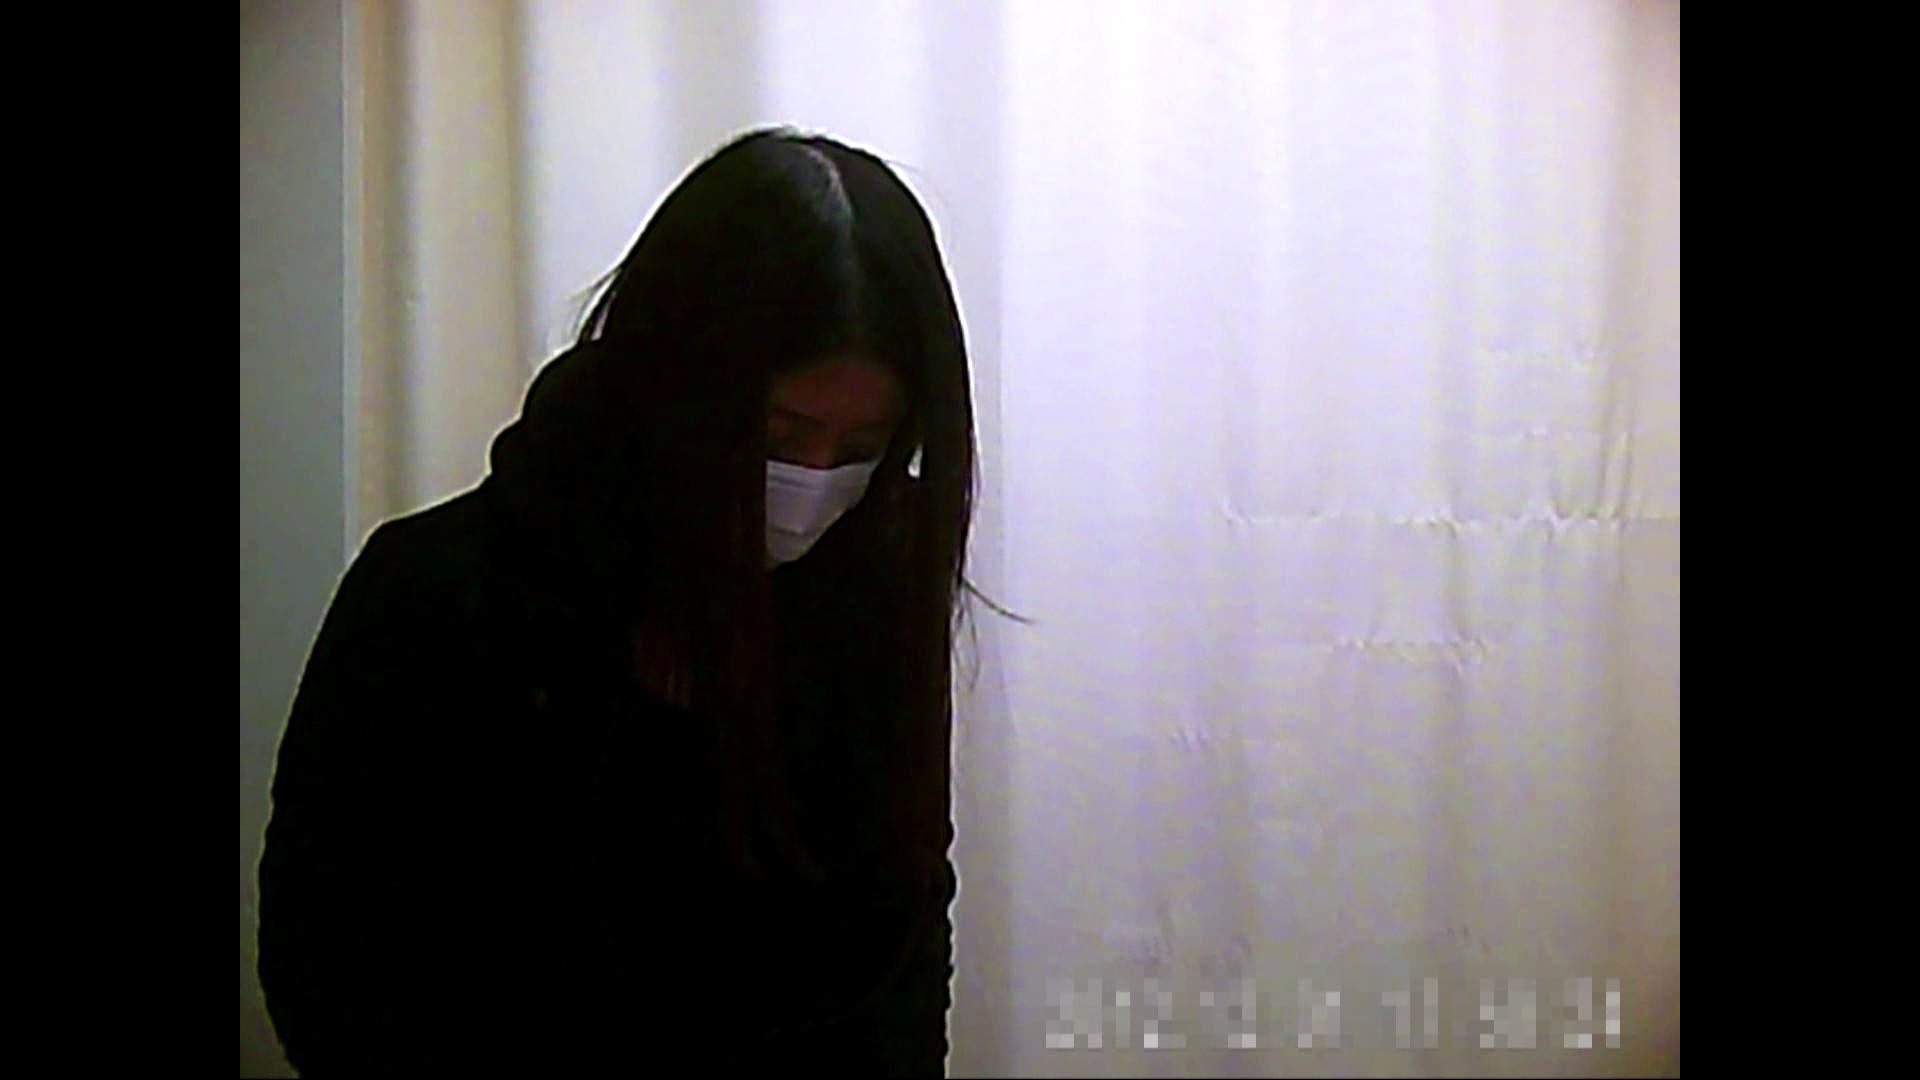 病院おもいっきり着替え! vol.166 エロティックなOL AV動画キャプチャ 72画像 26